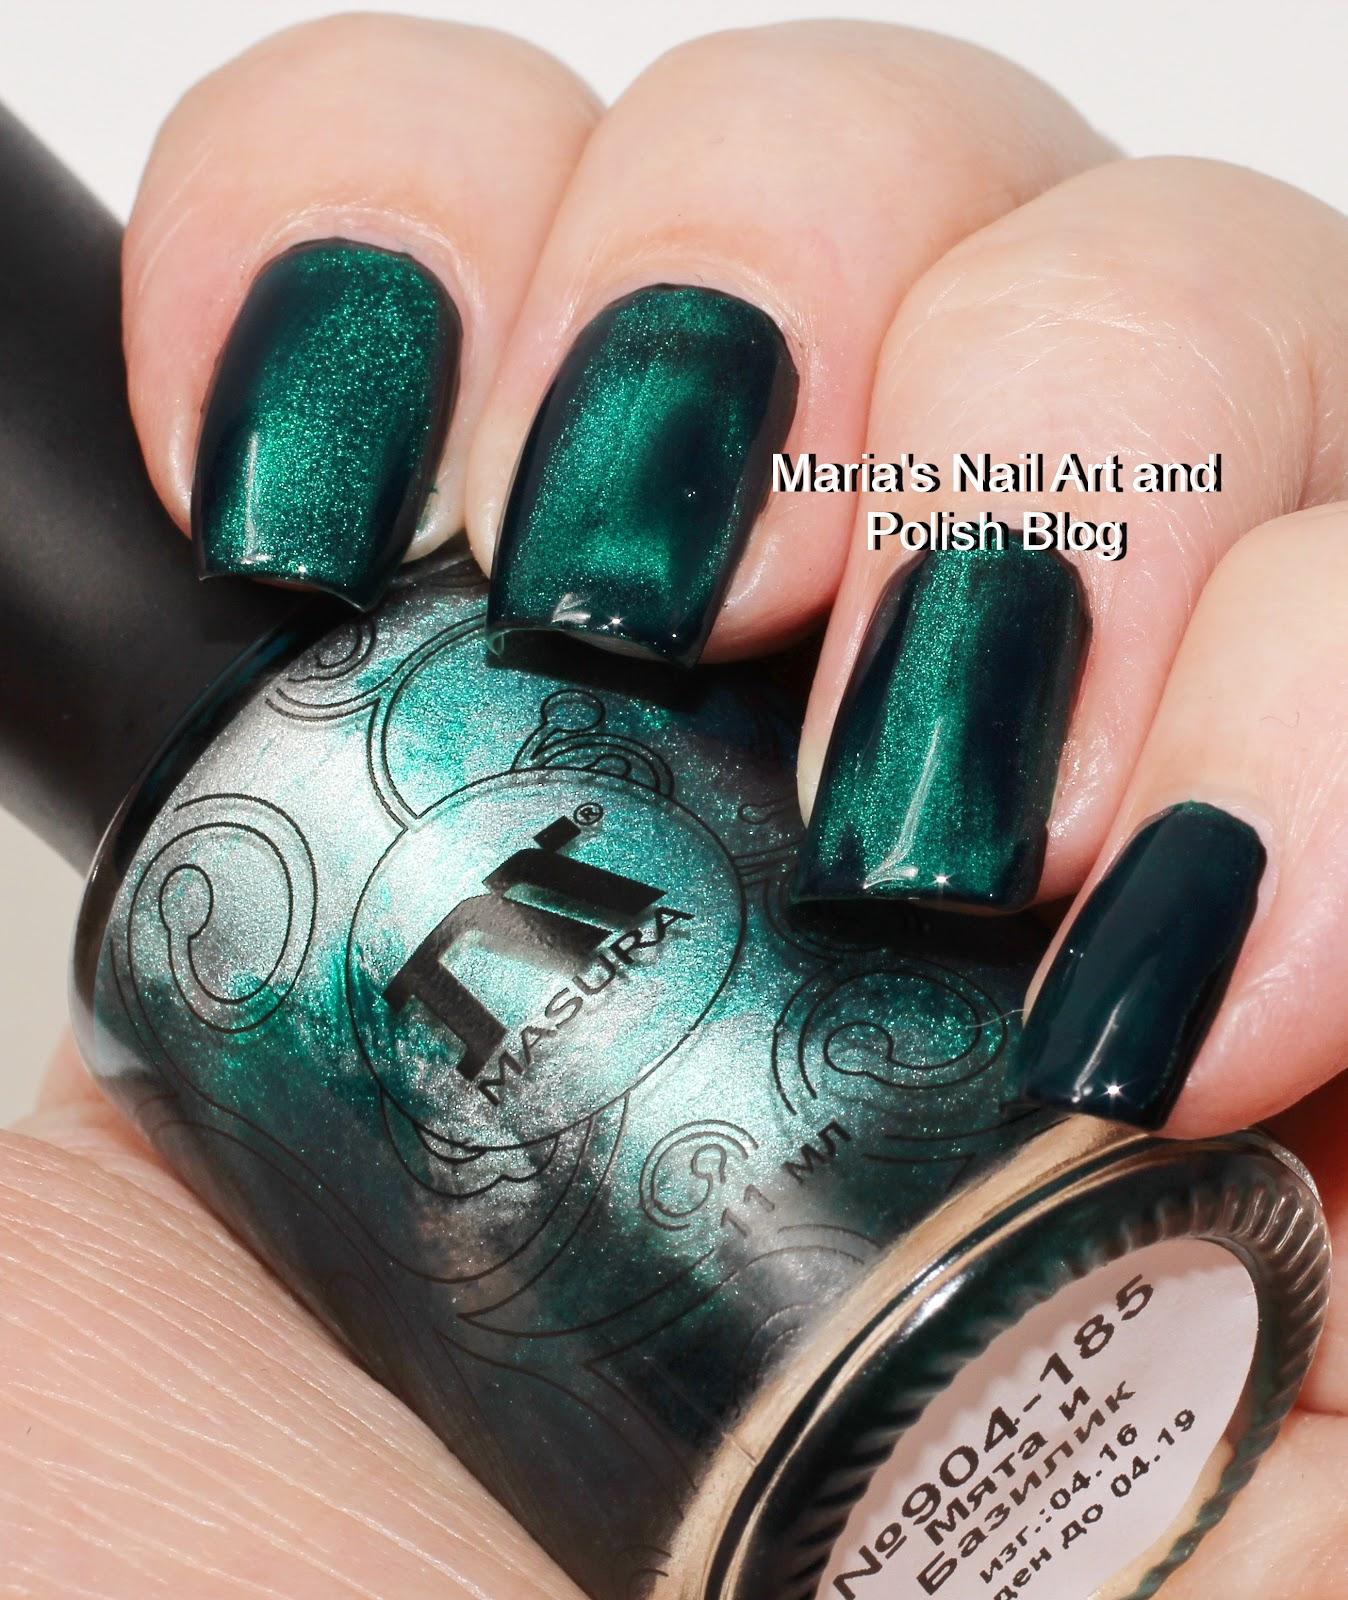 Marias Nail Art and Polish Blog: Masura Mint and Basil 904-185 swatches